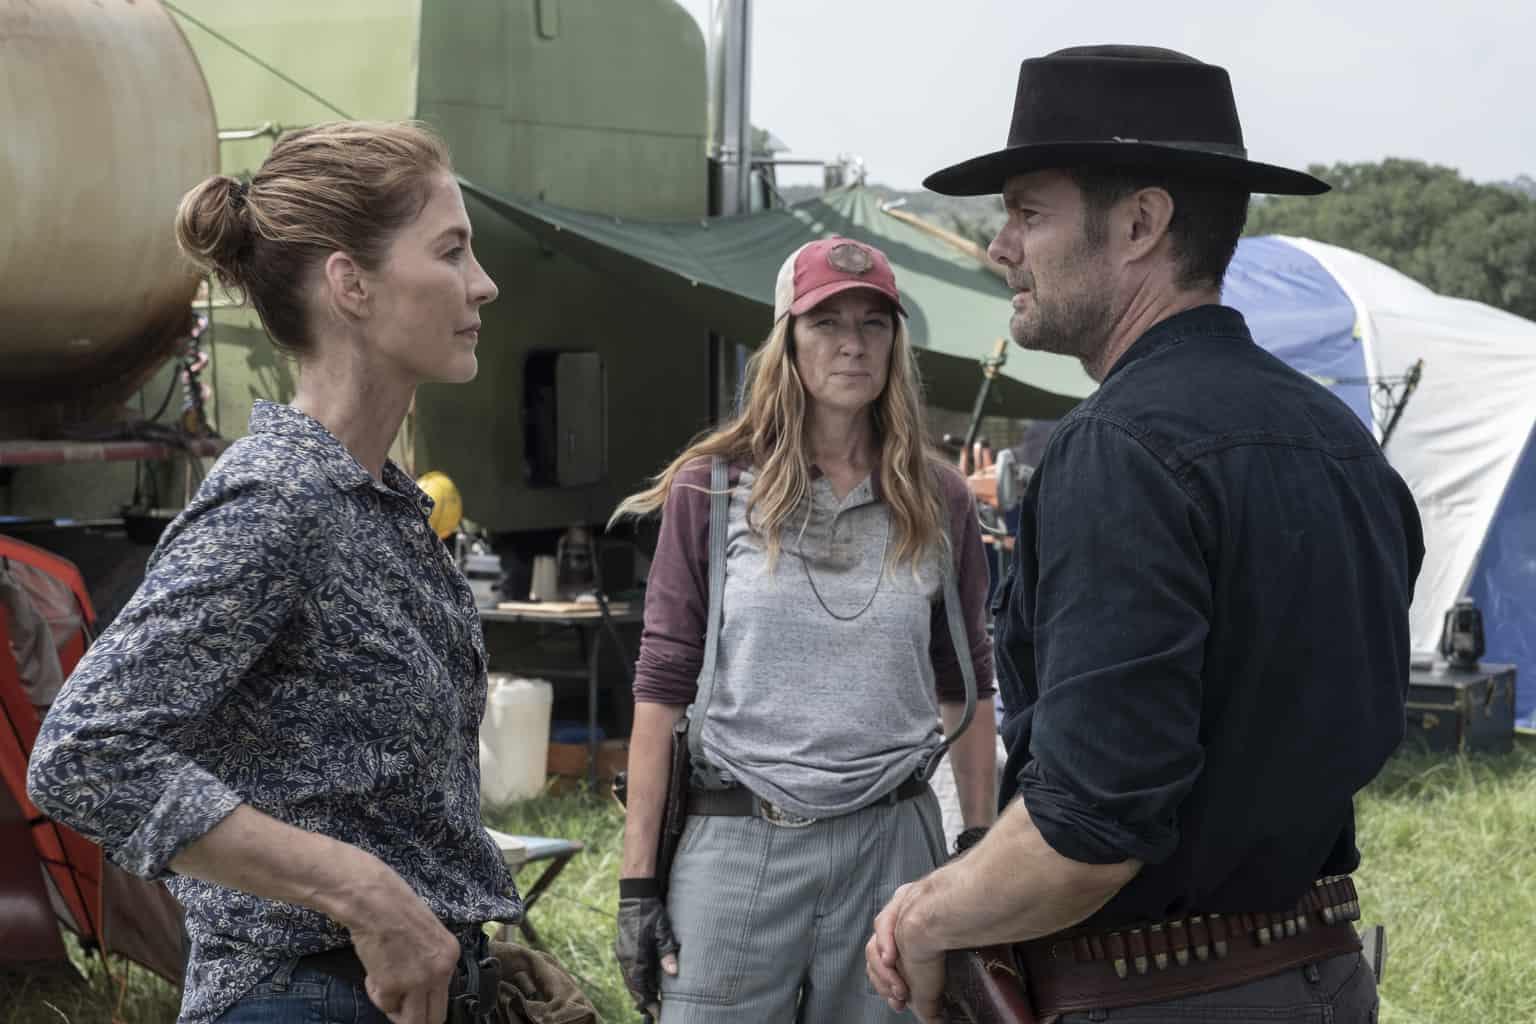 Fear the Walking Dead Season 5, Episode 11 - Garret